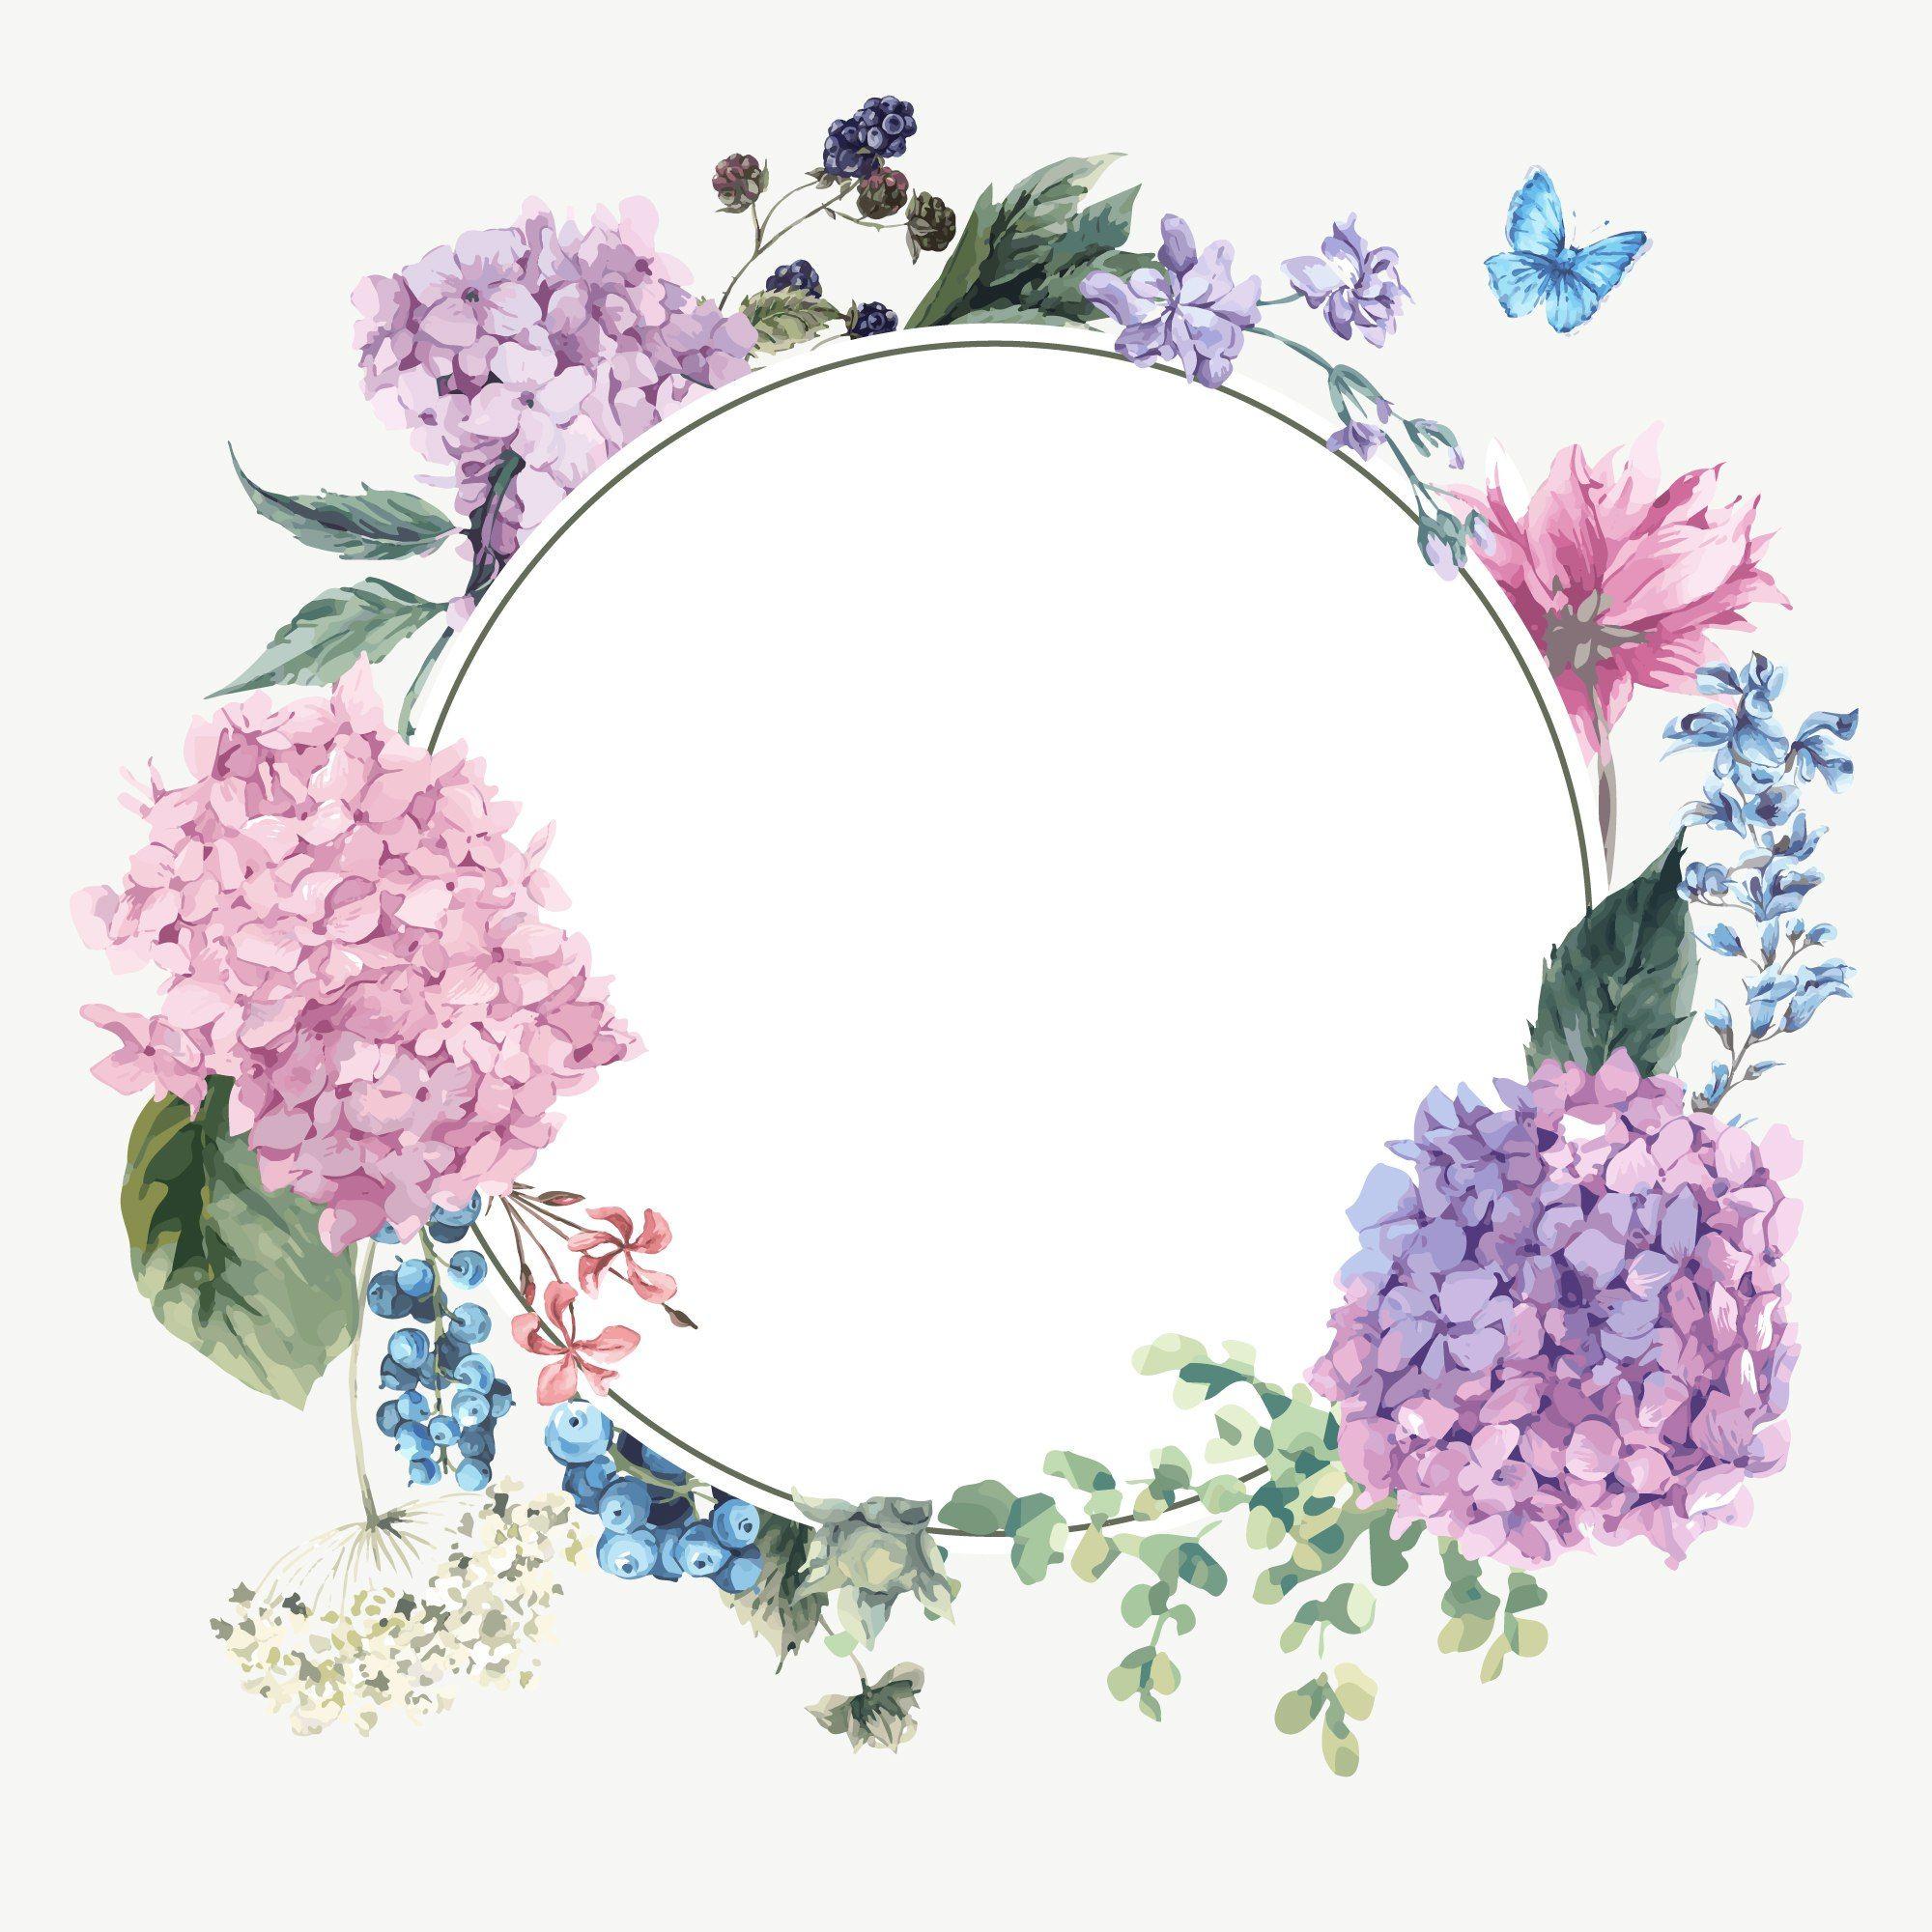 art, flowers, printable, cute, illustration | wallpaper | pinterest